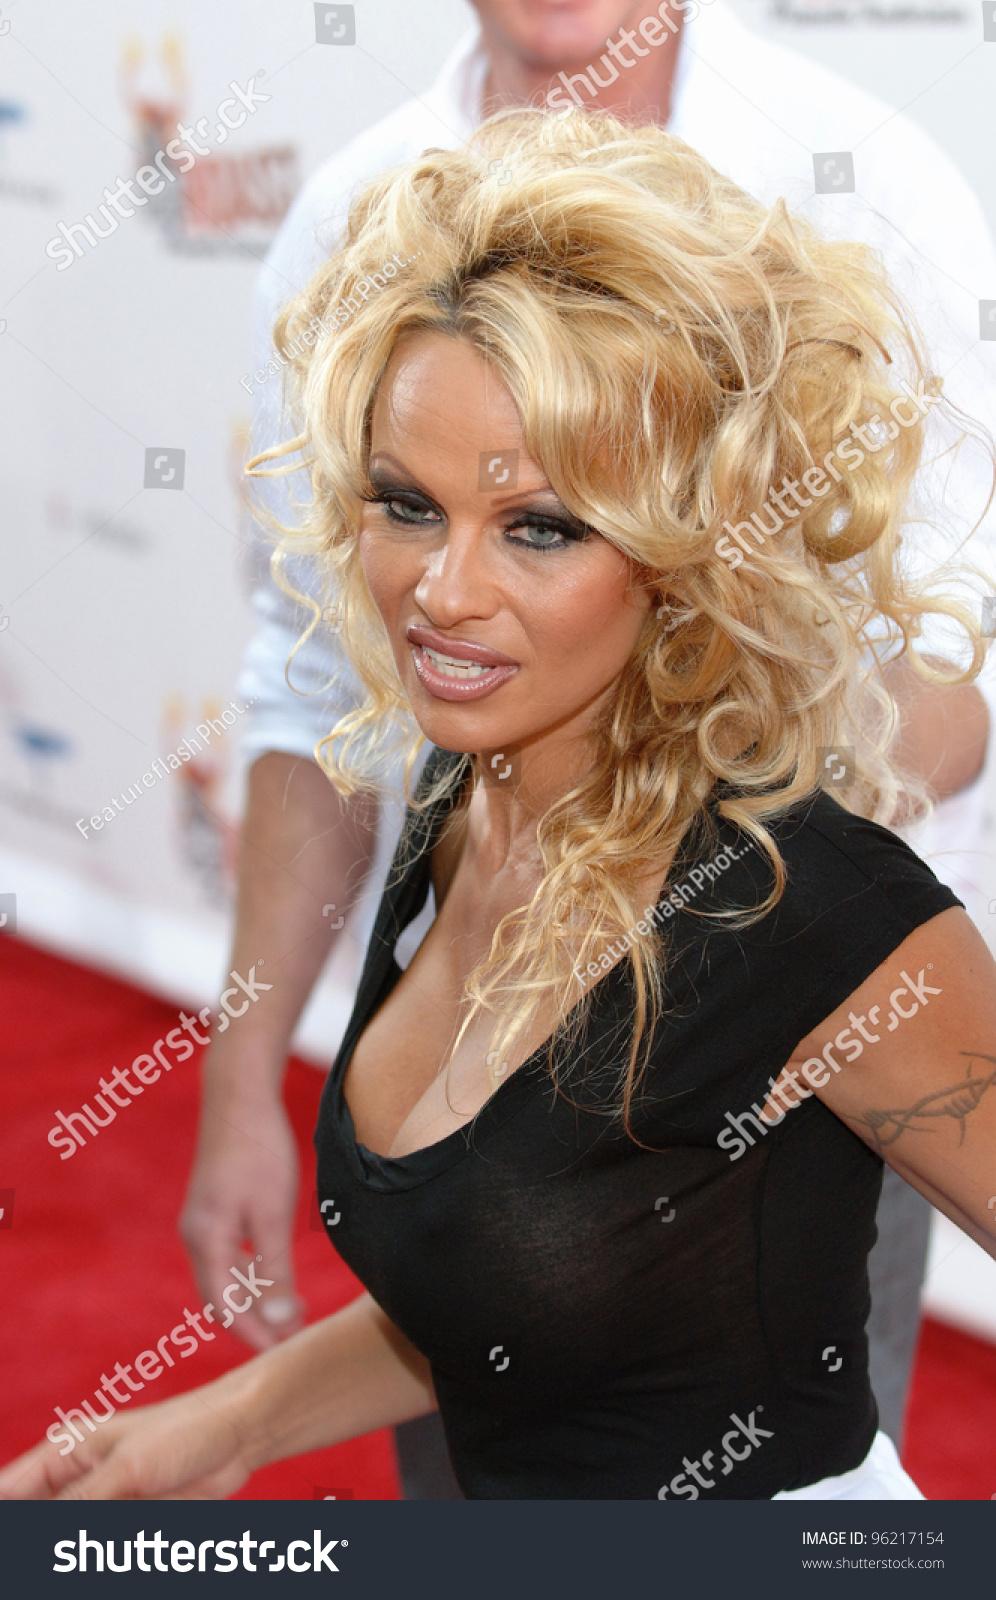 Celebrity Roast: Pamela Anderson - Eric Leech .com